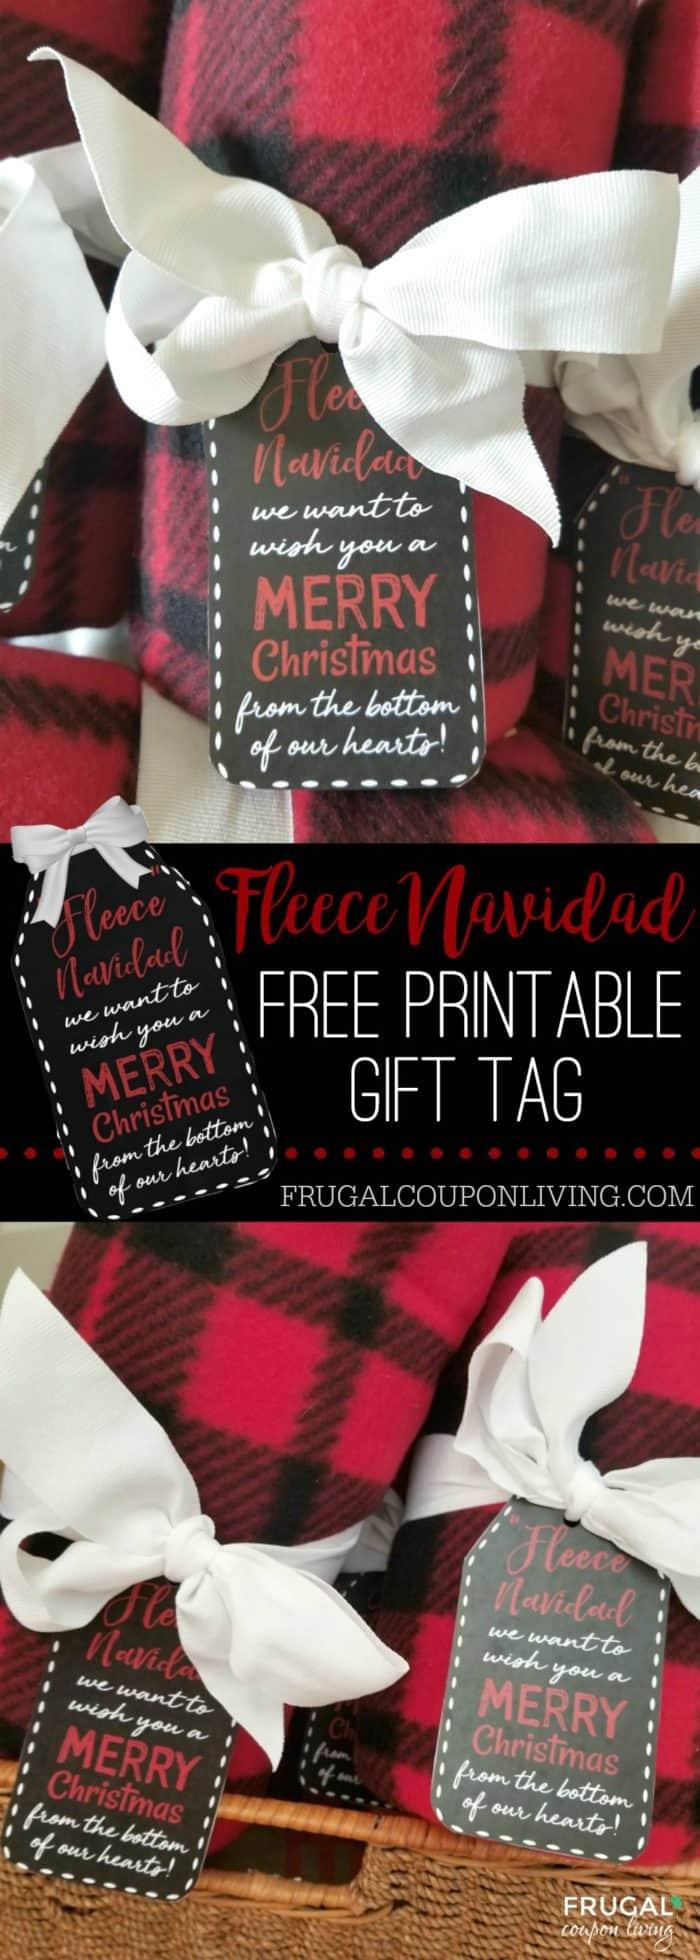 Free Printable Fleece Navidad Gift Tag Christmas Teacher